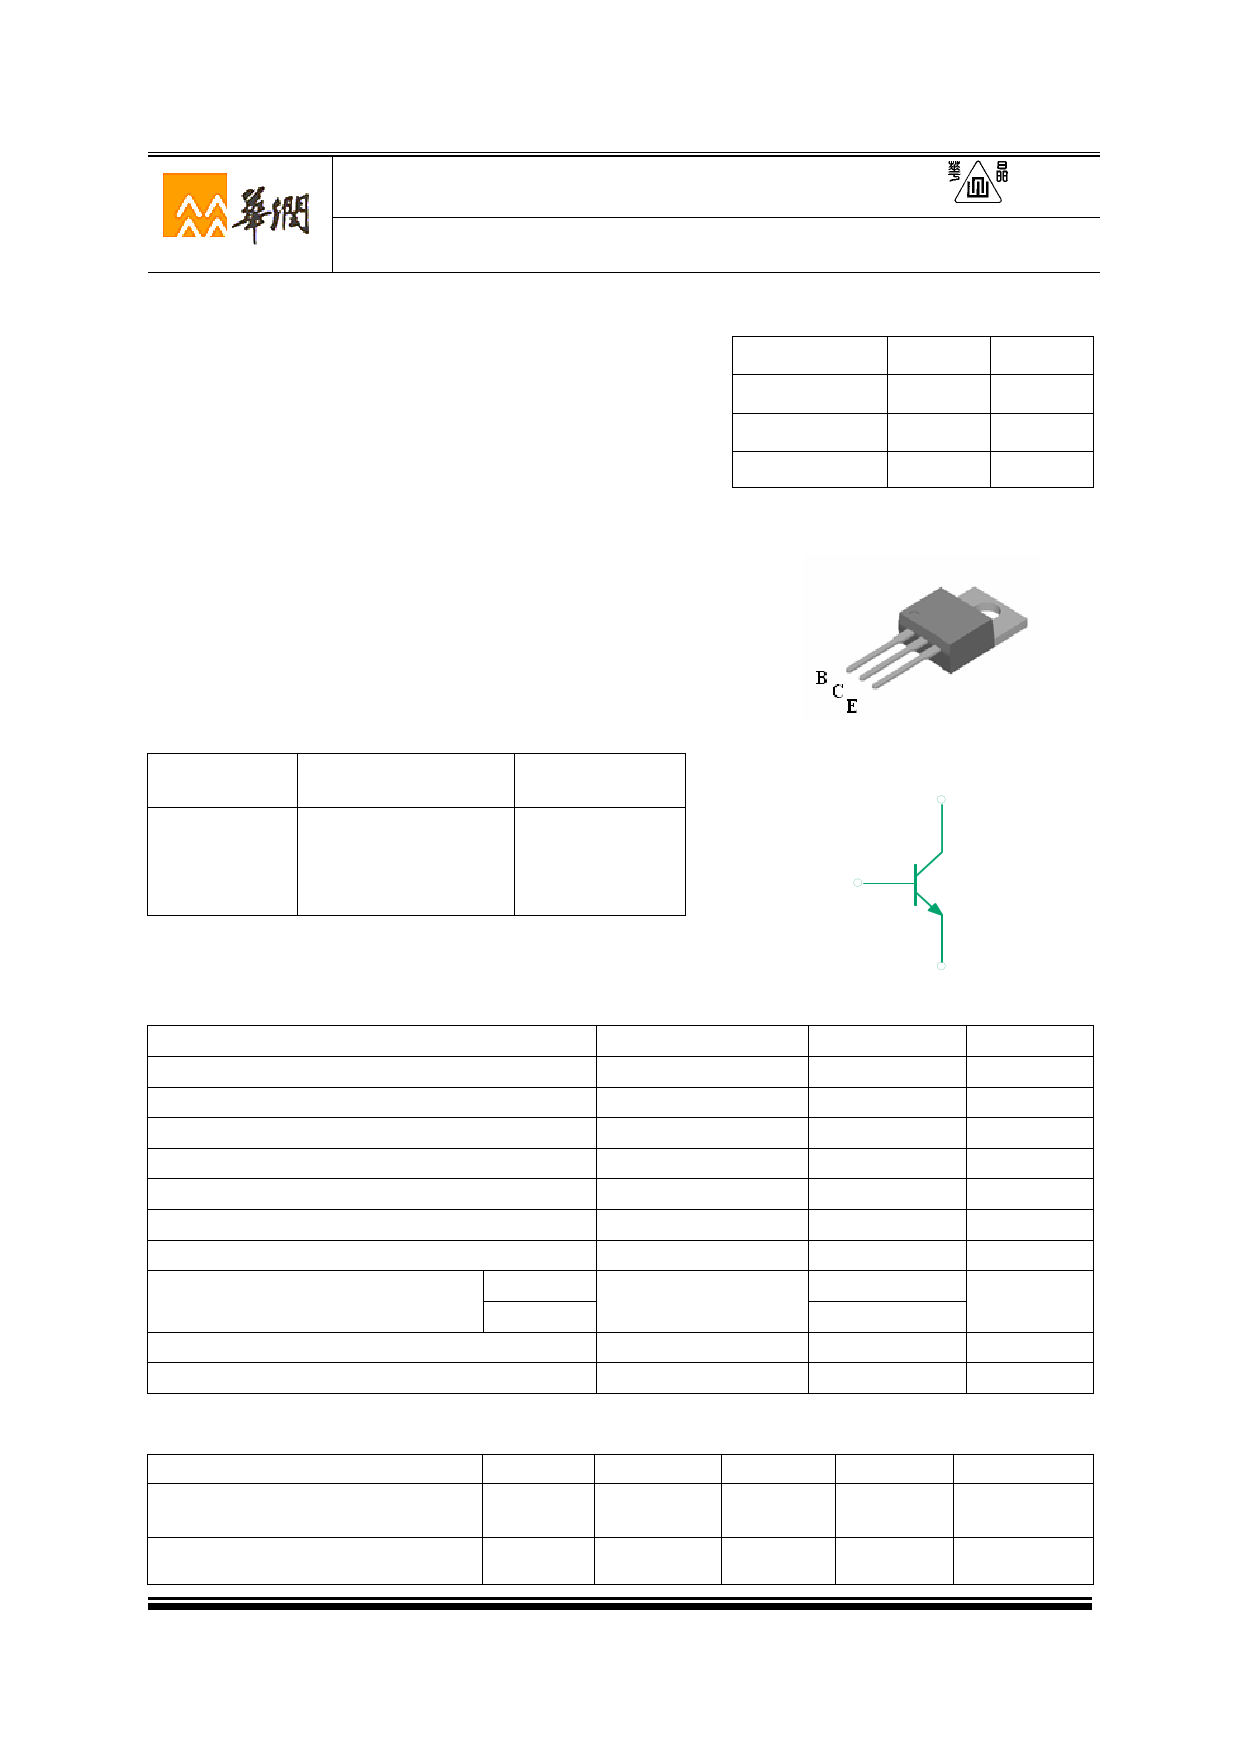 3DD13009C8 Datasheet, 3DD13009C8 PDF,ピン配置, 機能